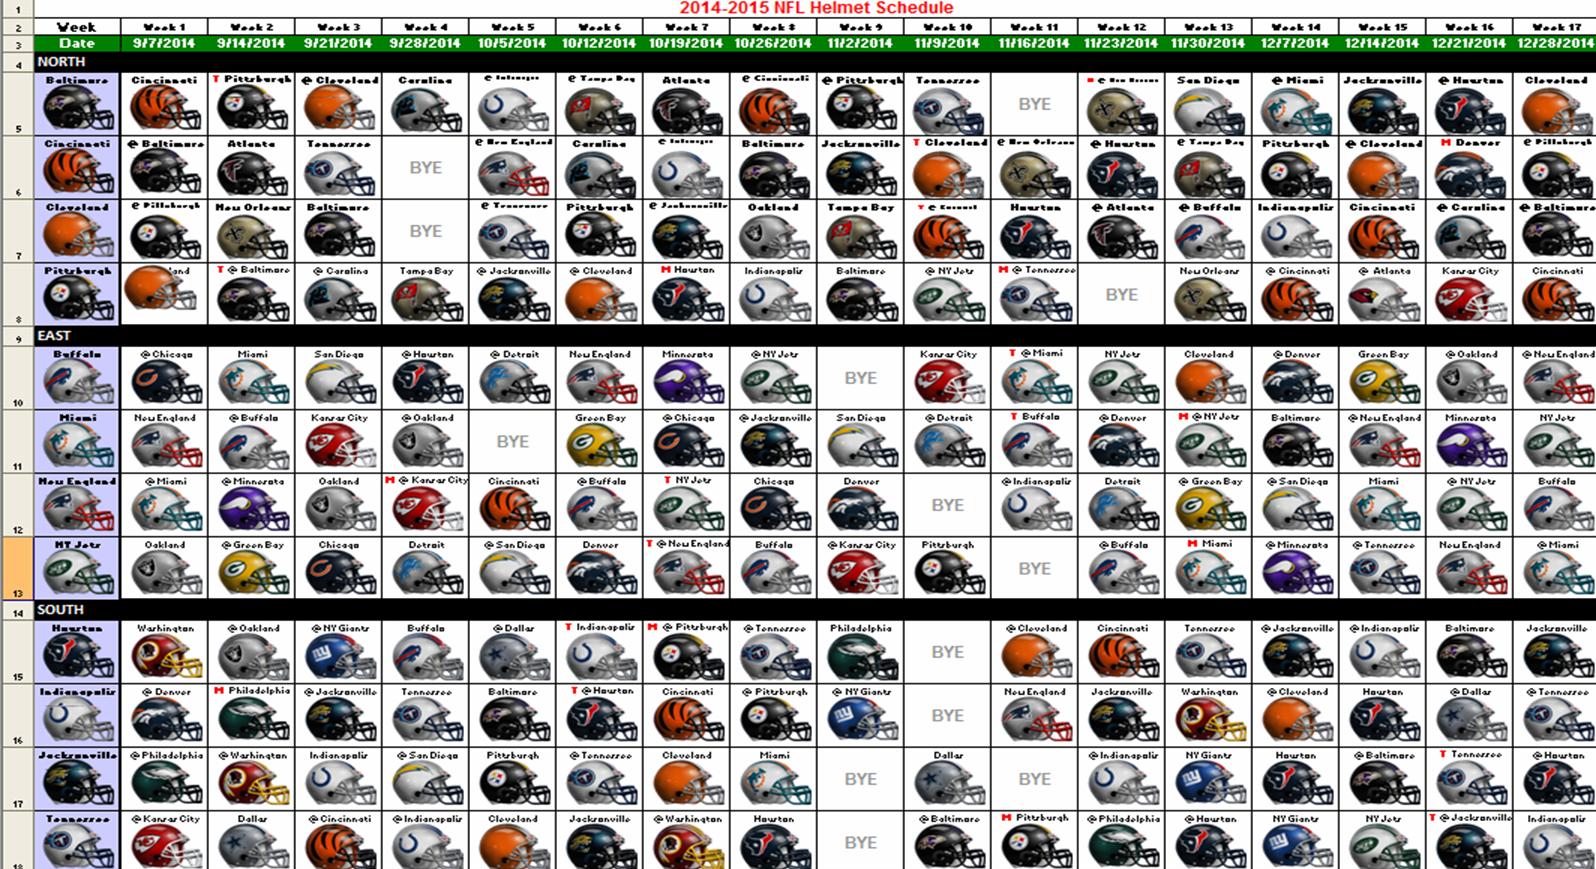 2014 nfl helmet schedule